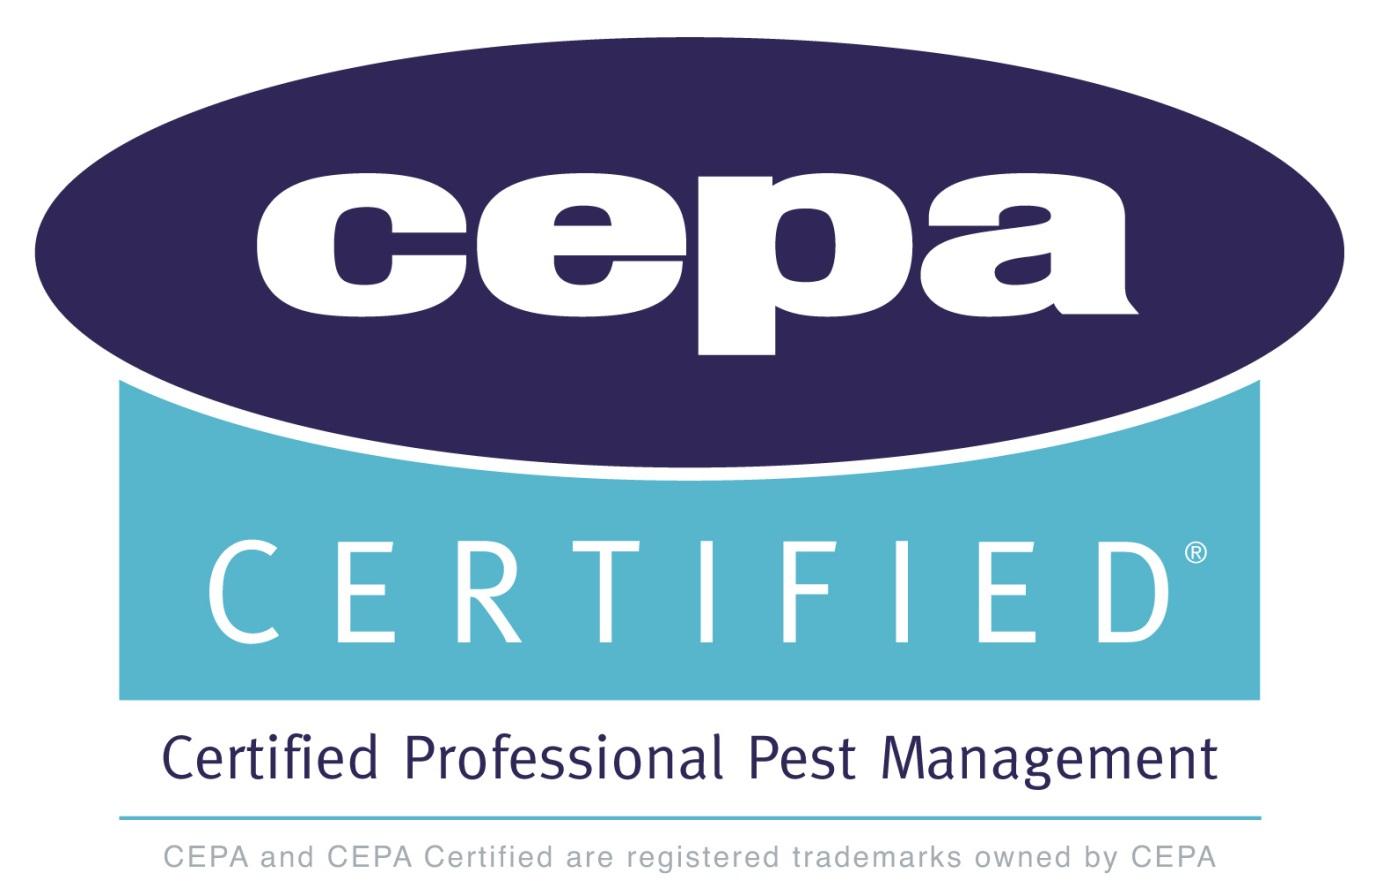 https://www.bps-kilian.de/wp-content/uploads/2016/10/CEPA-Logo.jpg